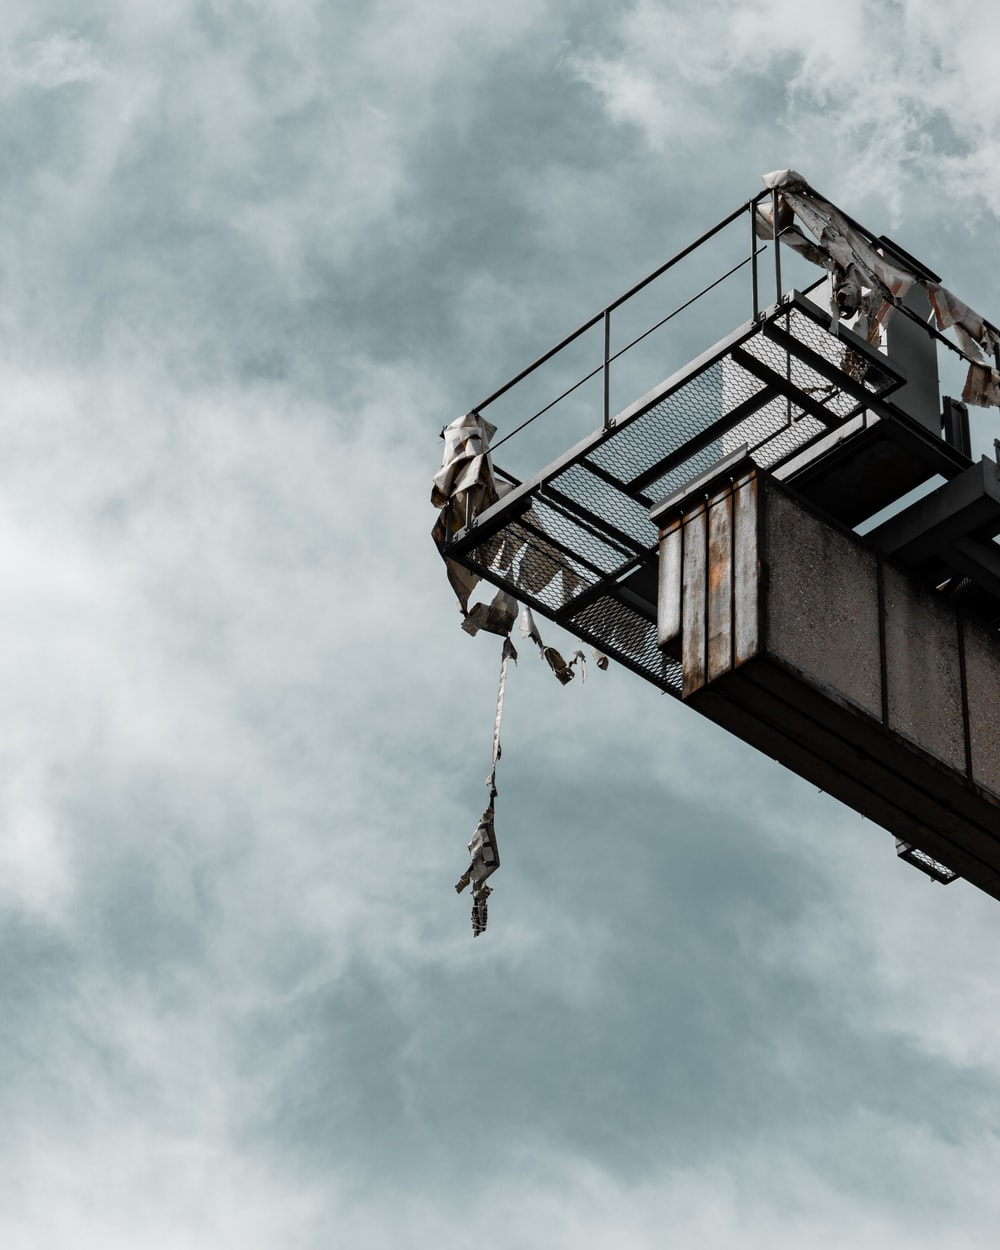 high platform under cloudy sky